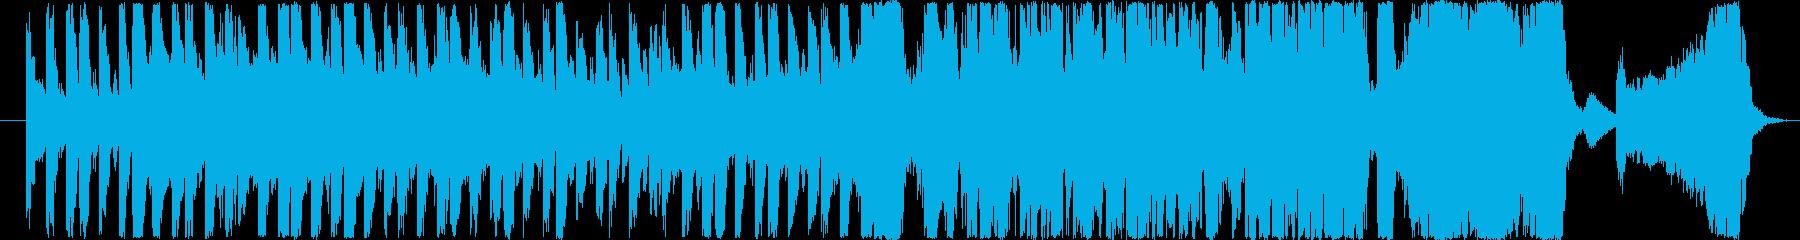 重厚感あふれる壮大な楽曲の再生済みの波形